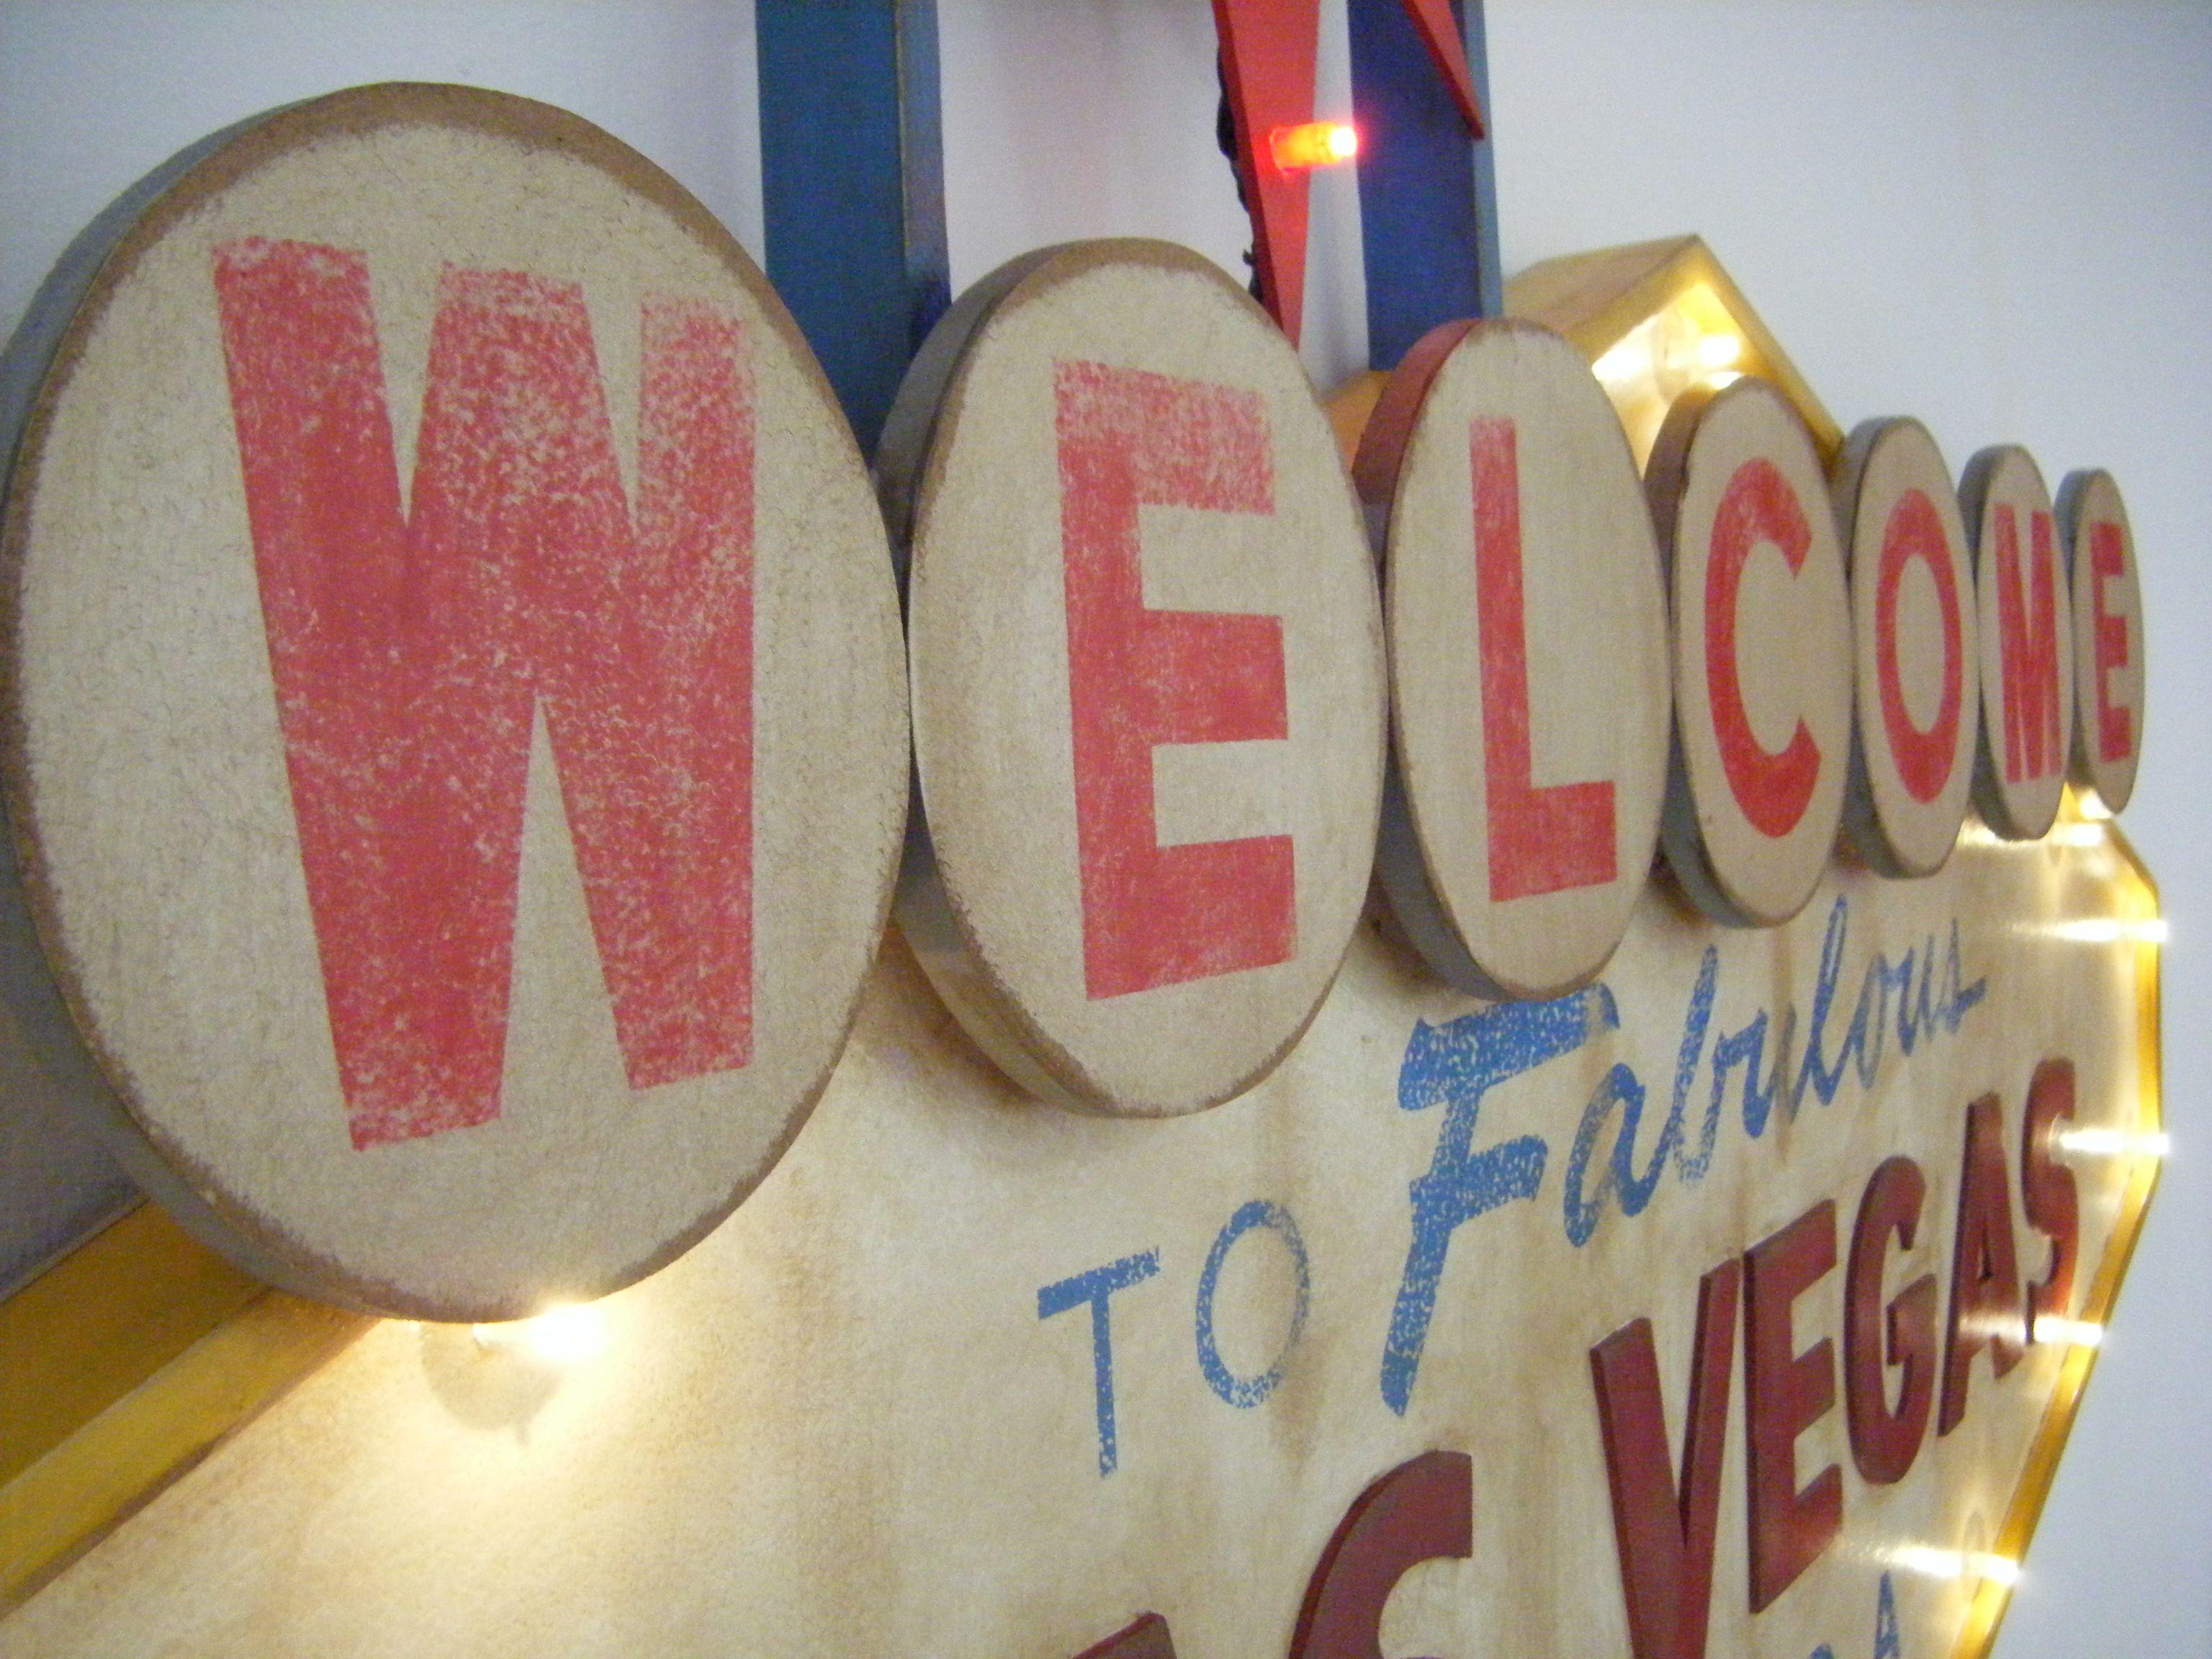 Letrero De Las Vegas En Madera Con Leds Hecho Por Decoraci N  # Muebles Vizcaino Dos Hermanas